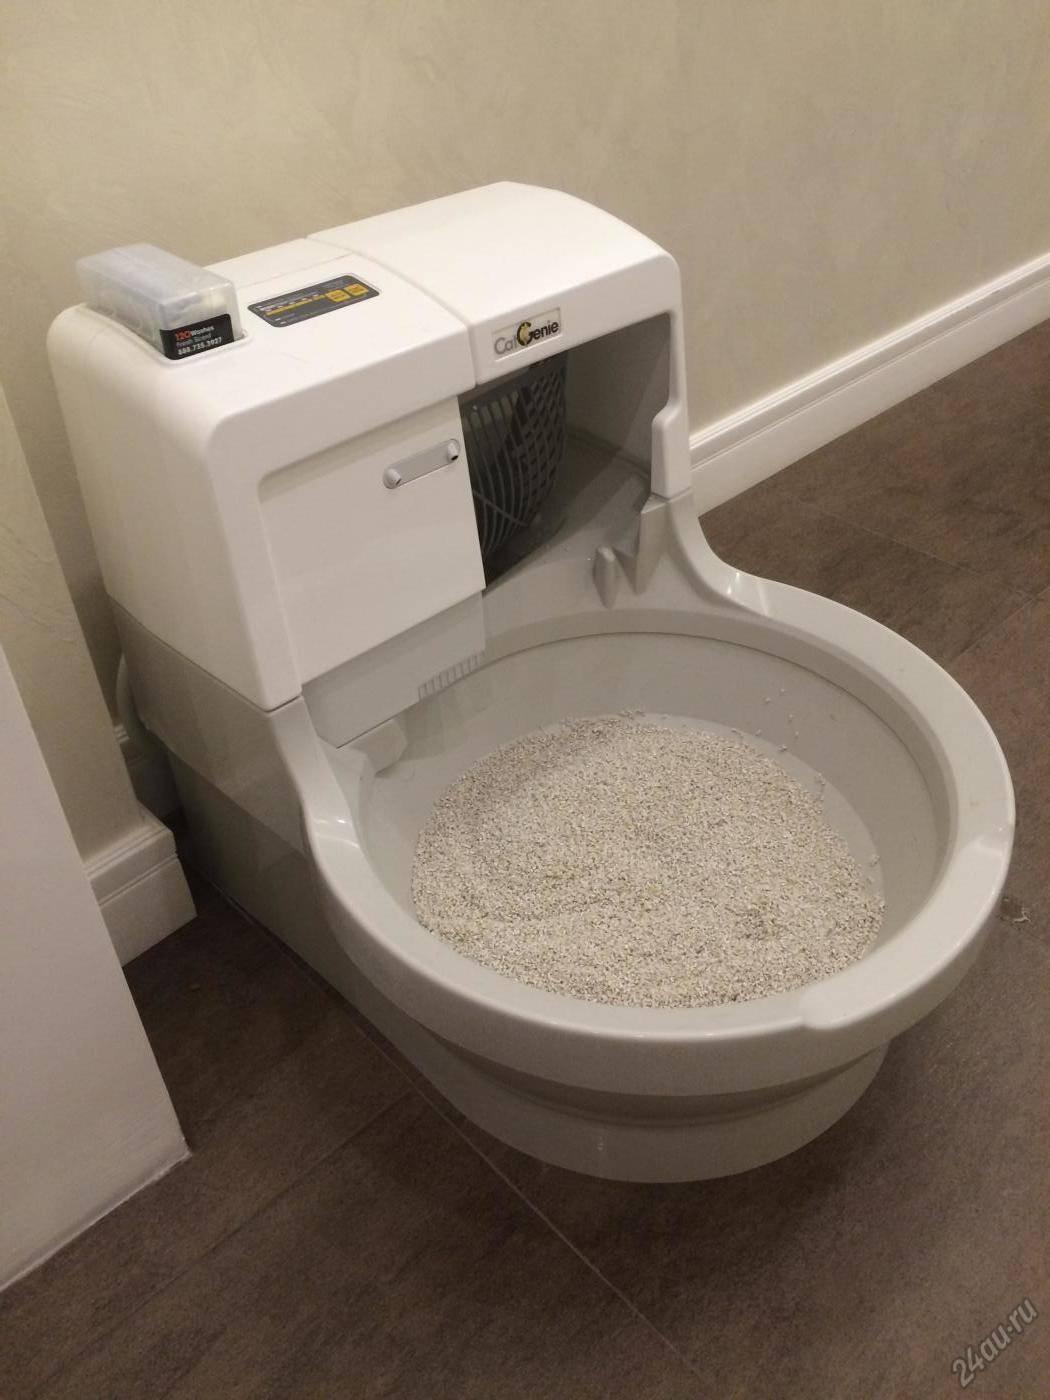 Комфортные условия для домашнего питомца: автоматический кошачий туалет — 4 лапки